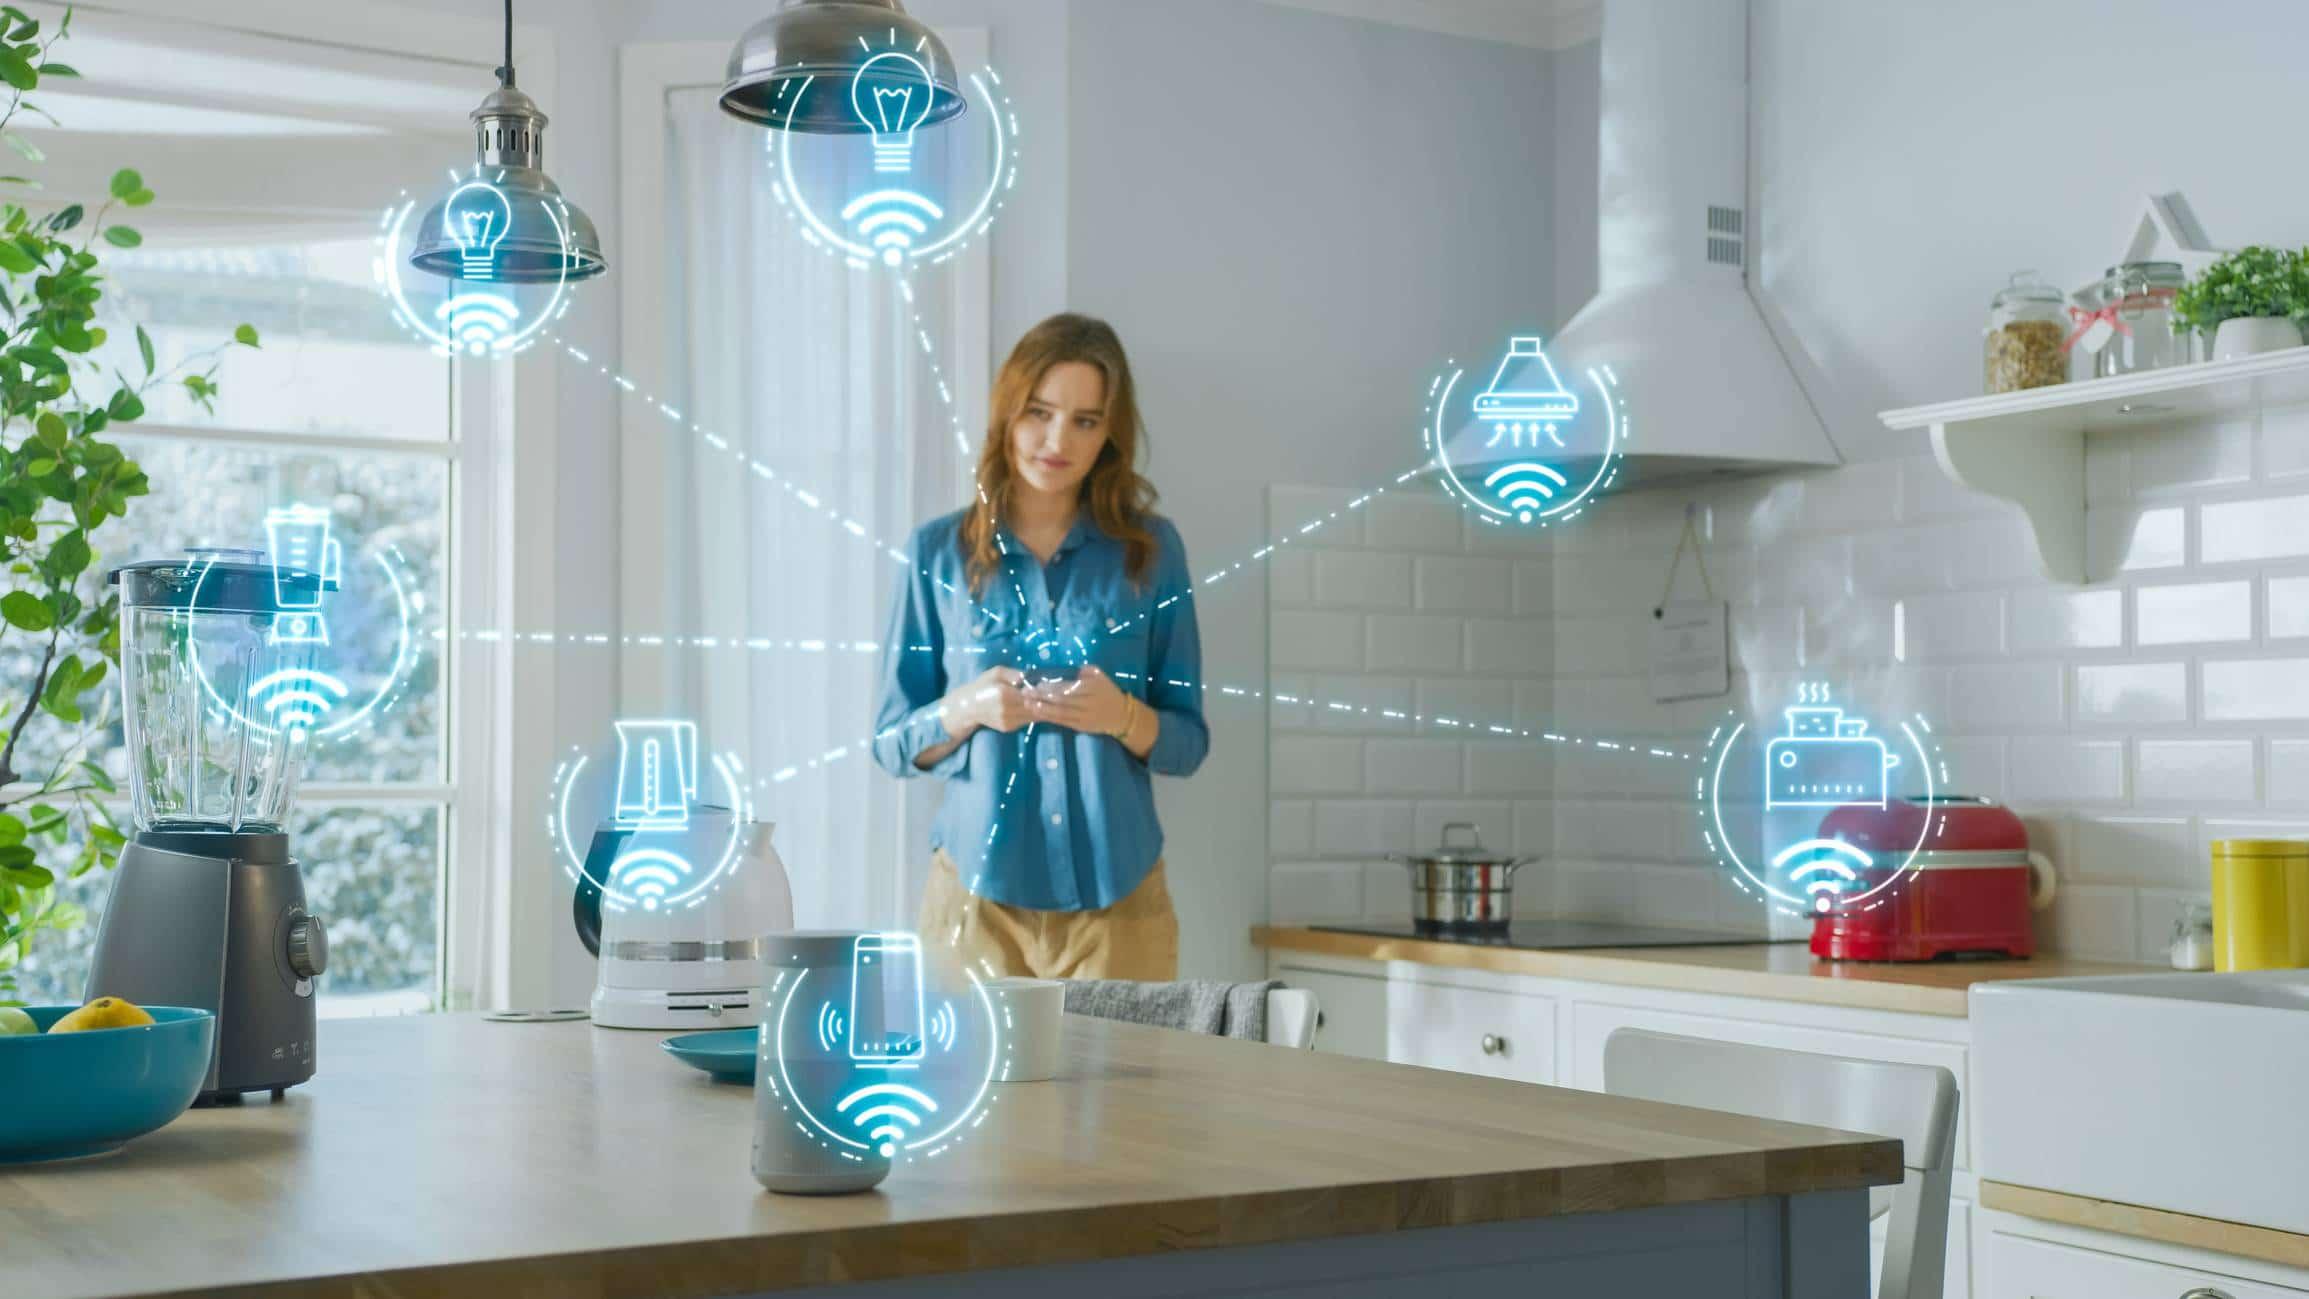 Maison autonome : comment assurer l'équipement ?